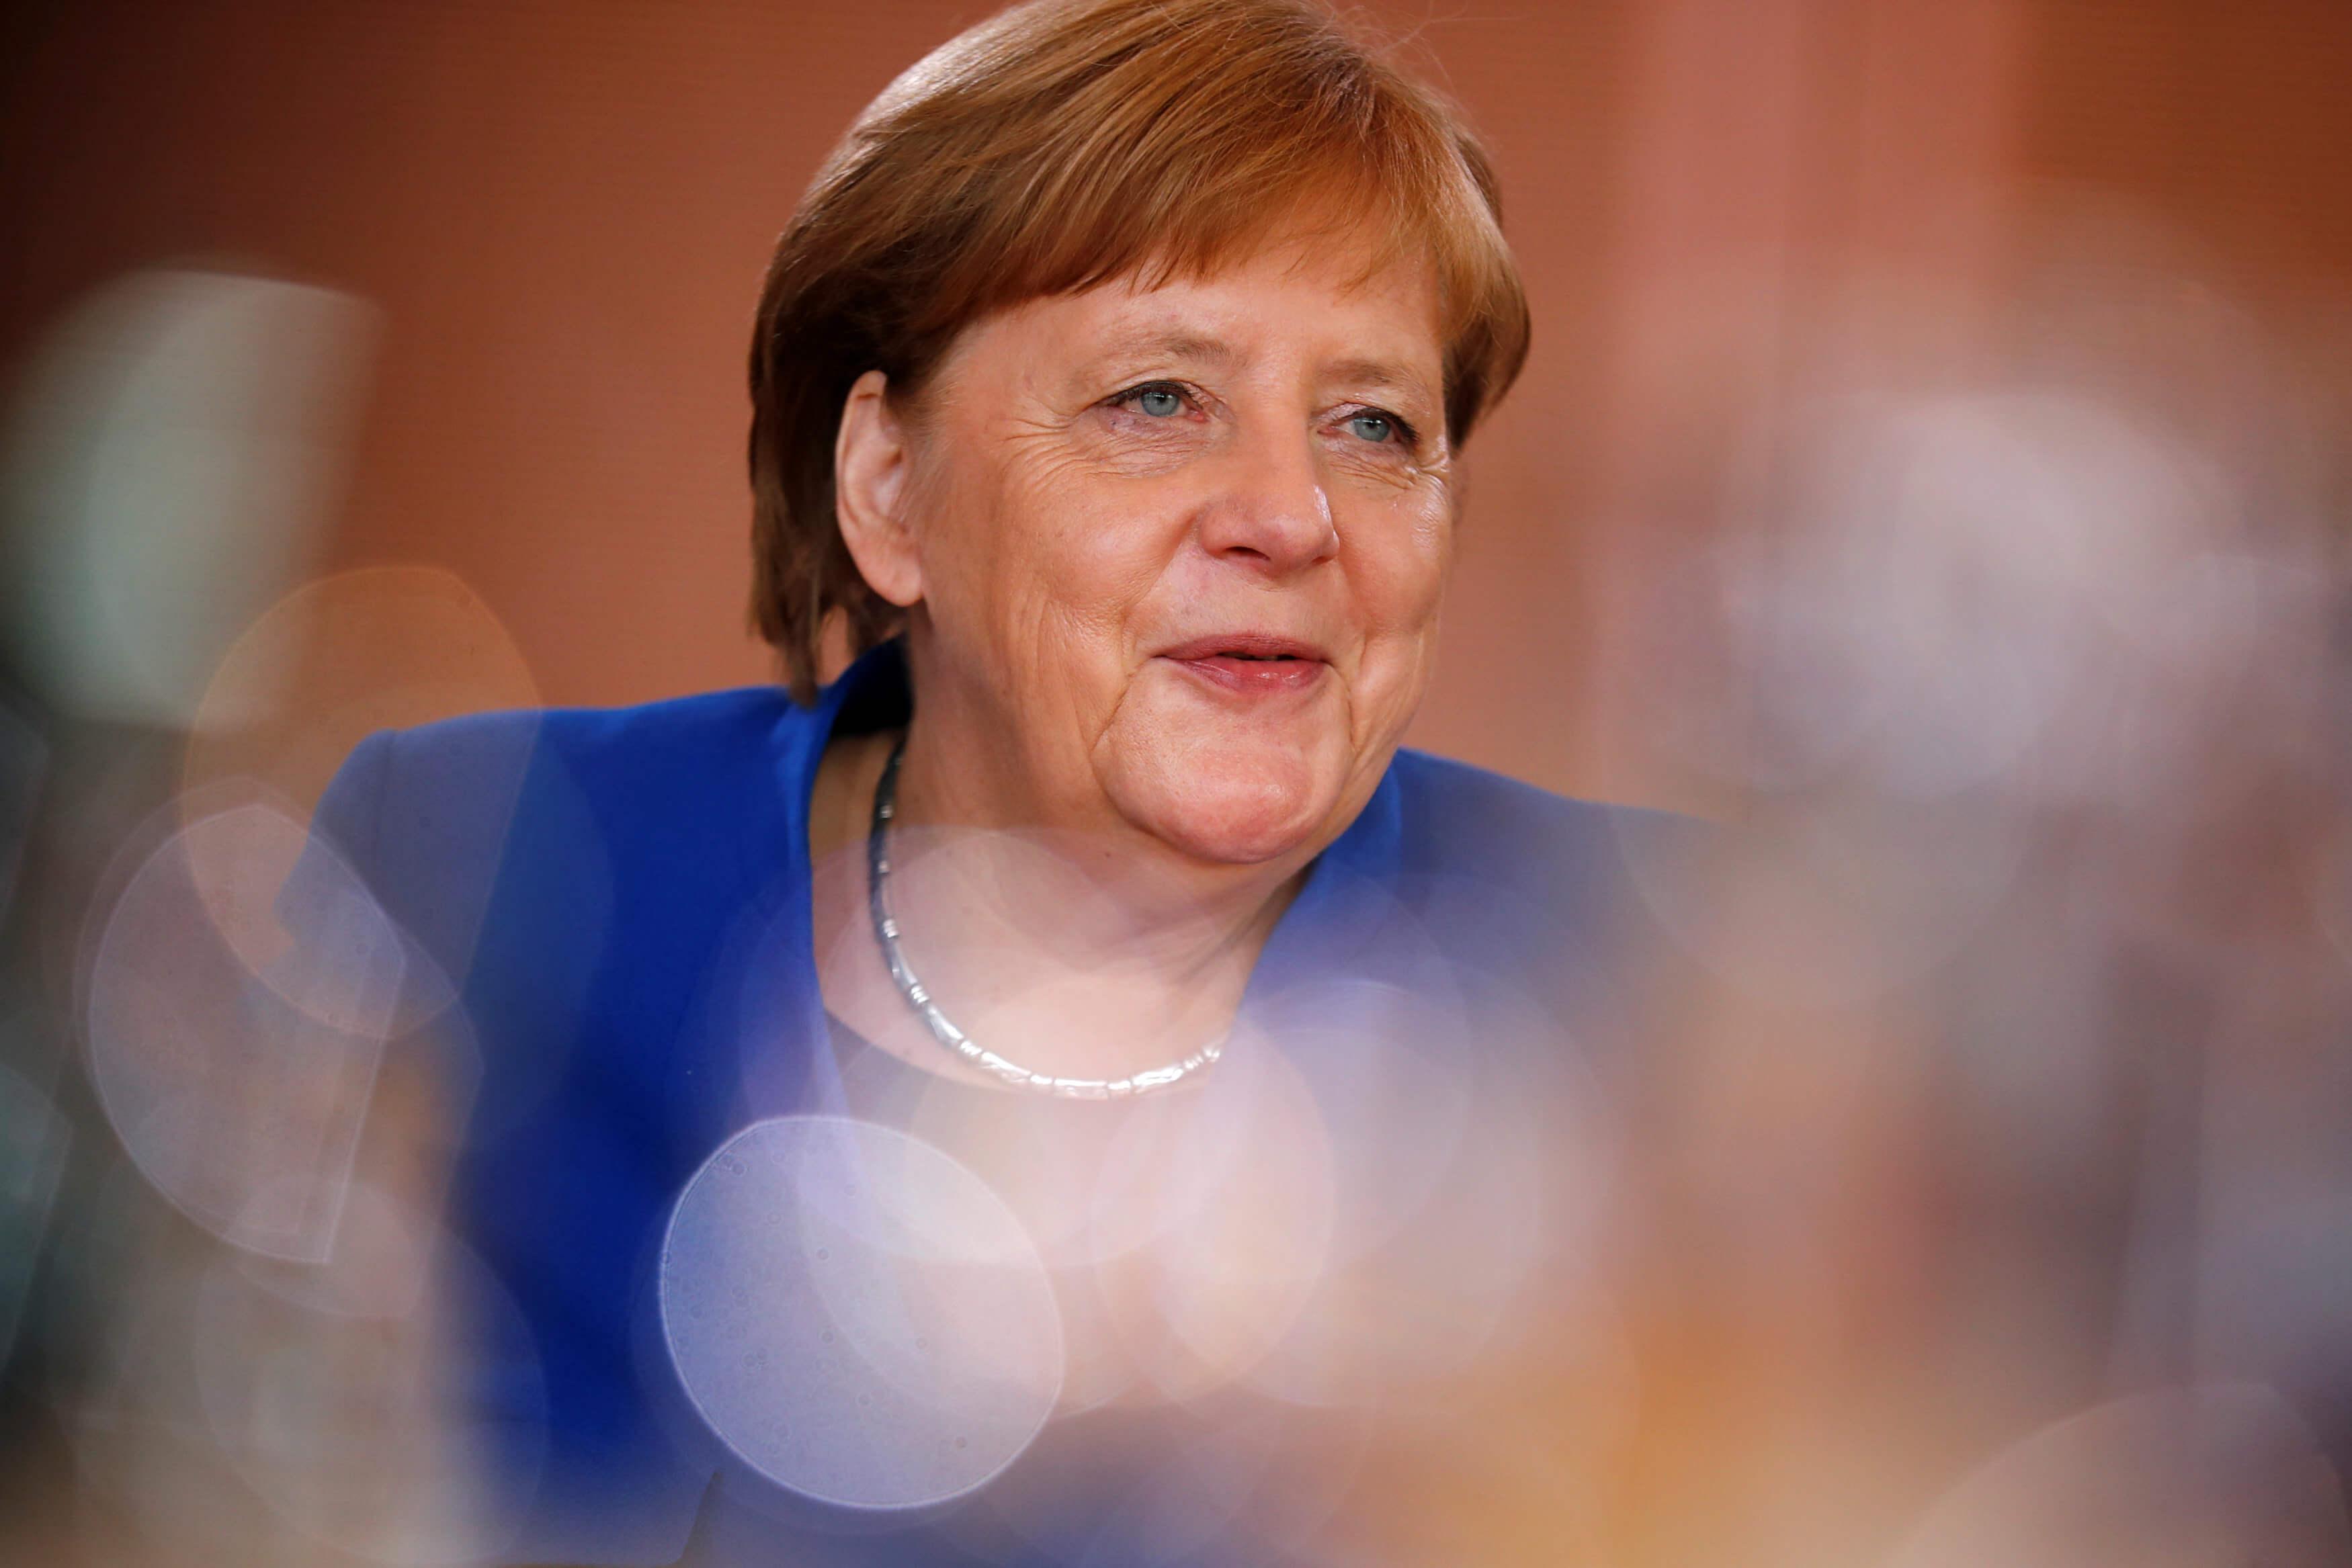 Μέρκελ: Η Τουρκία απομακρύνεται από την ΕΕ